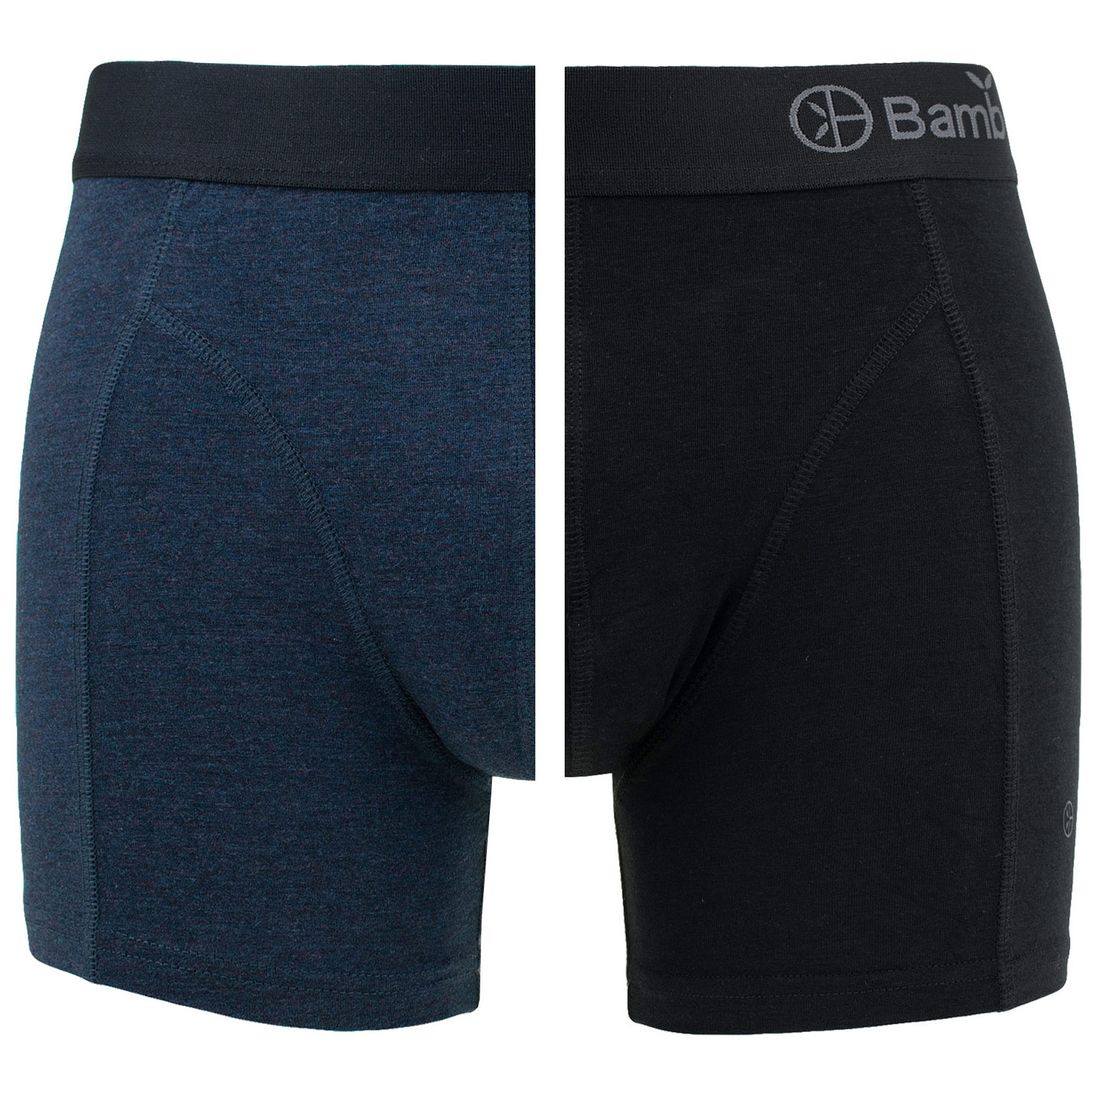 Afbeelding van Bamboo Basics boxers levi 2 pack blauw & zwart heren